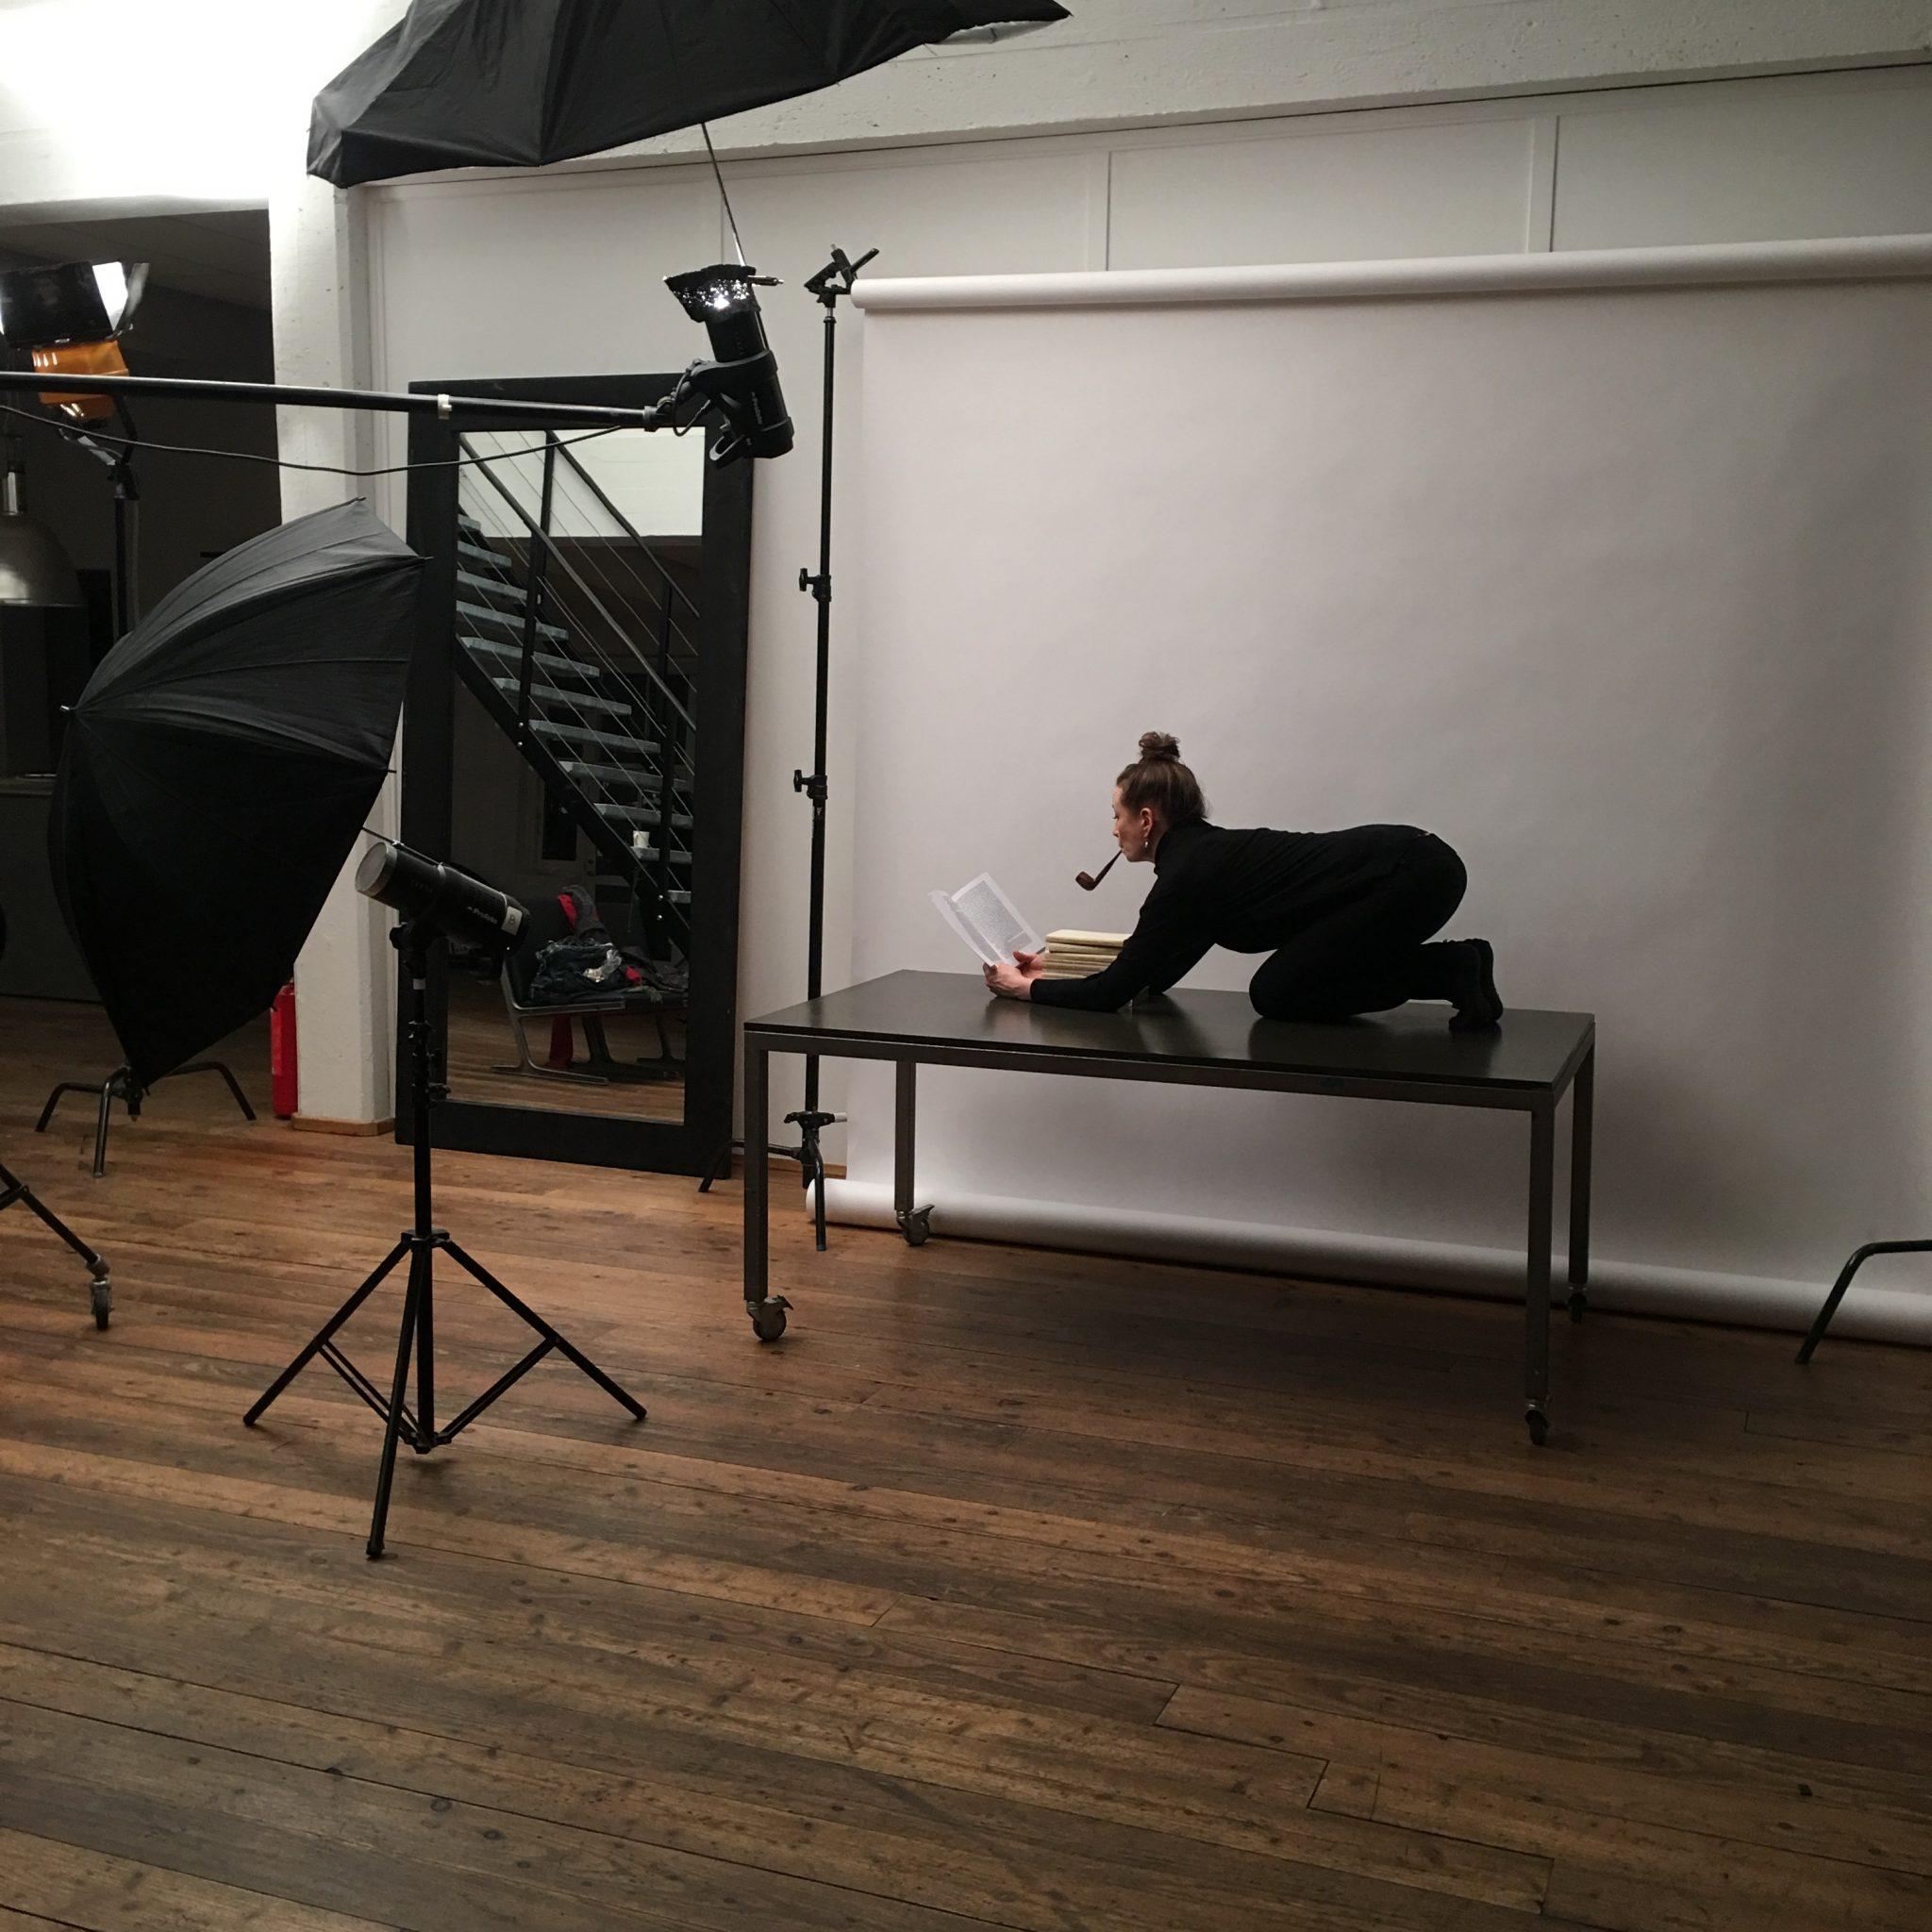 Fotoshoot med Robin Skjoldborg til forestillingen Beauvoir 2019